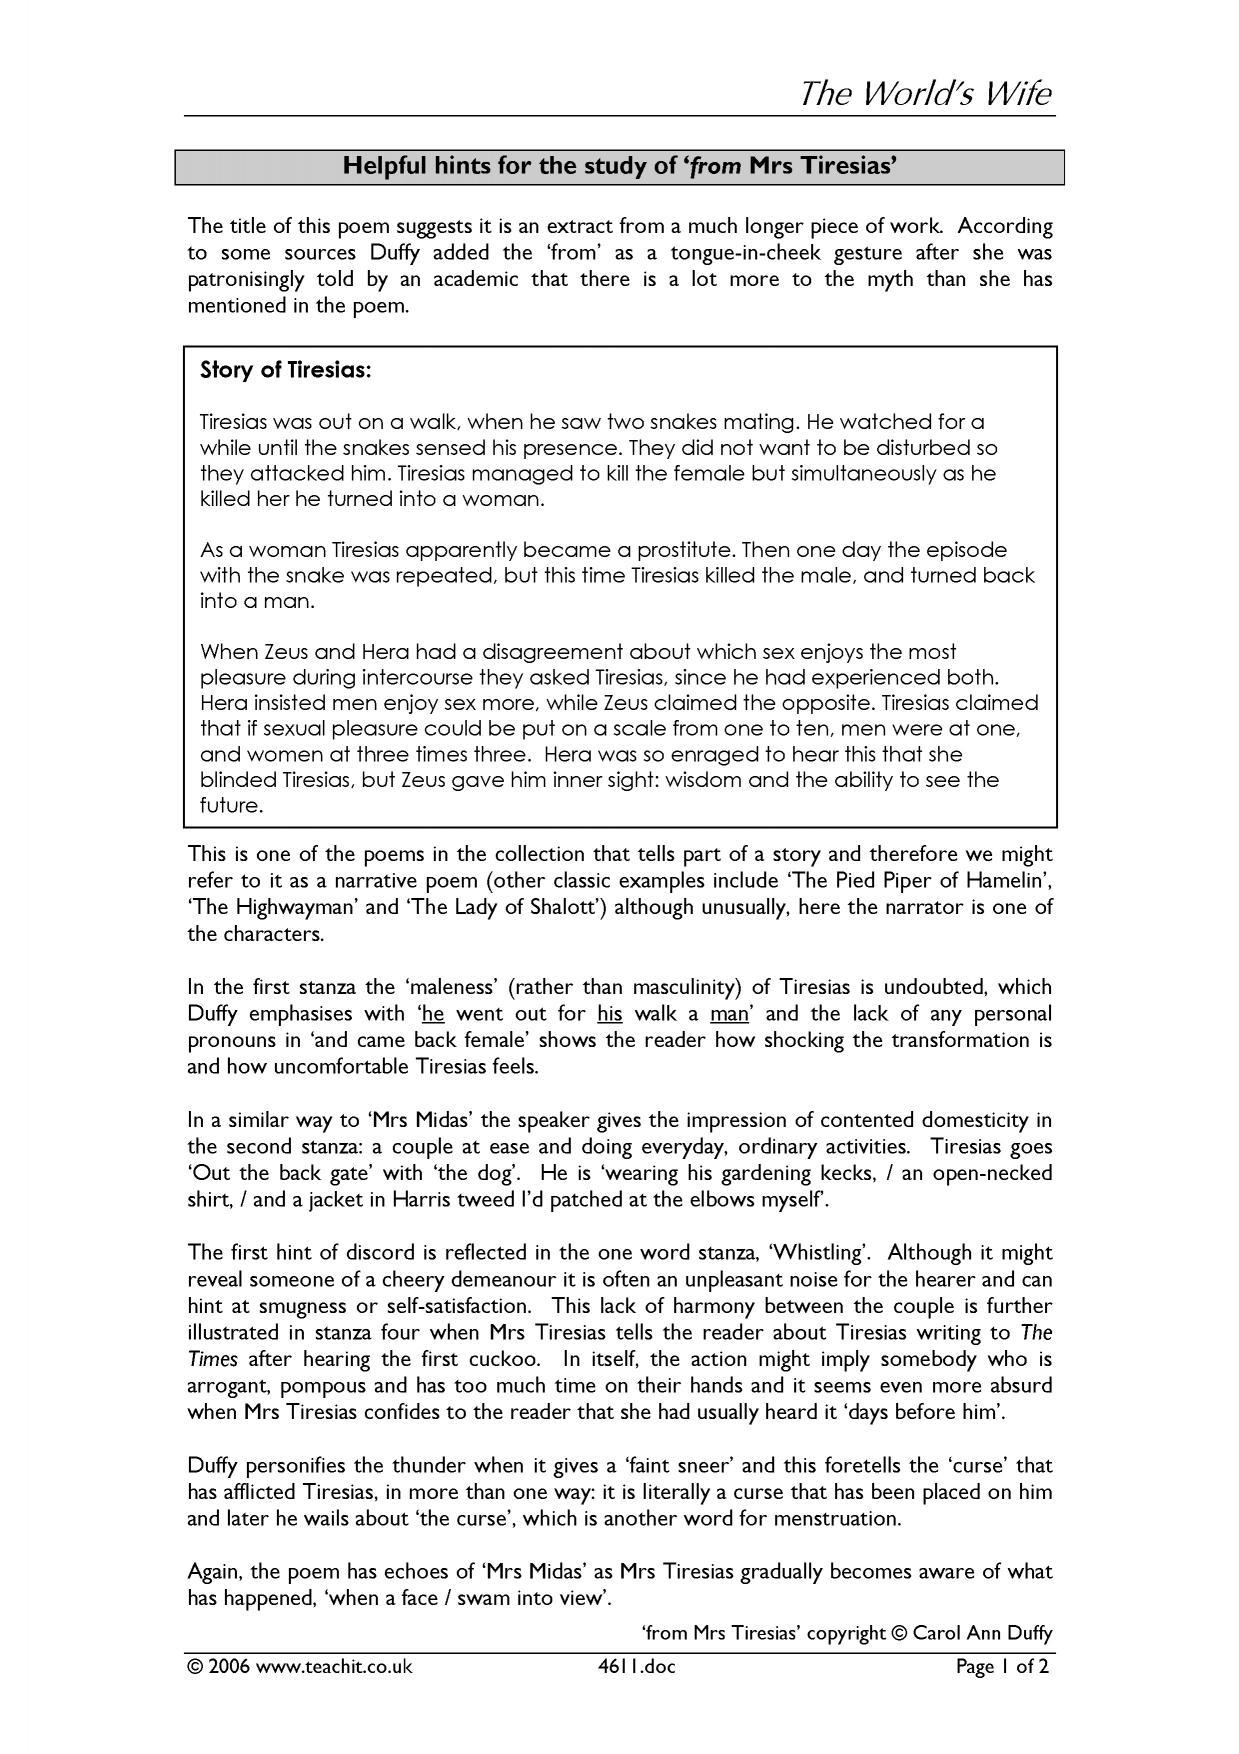 comprehensive carol ann duffy essay Havisham and valentine by carol ann duffy  comprehensive study notes and  havisham and valentine by carol ann duffy essay - havisham and valentine by carol ann.